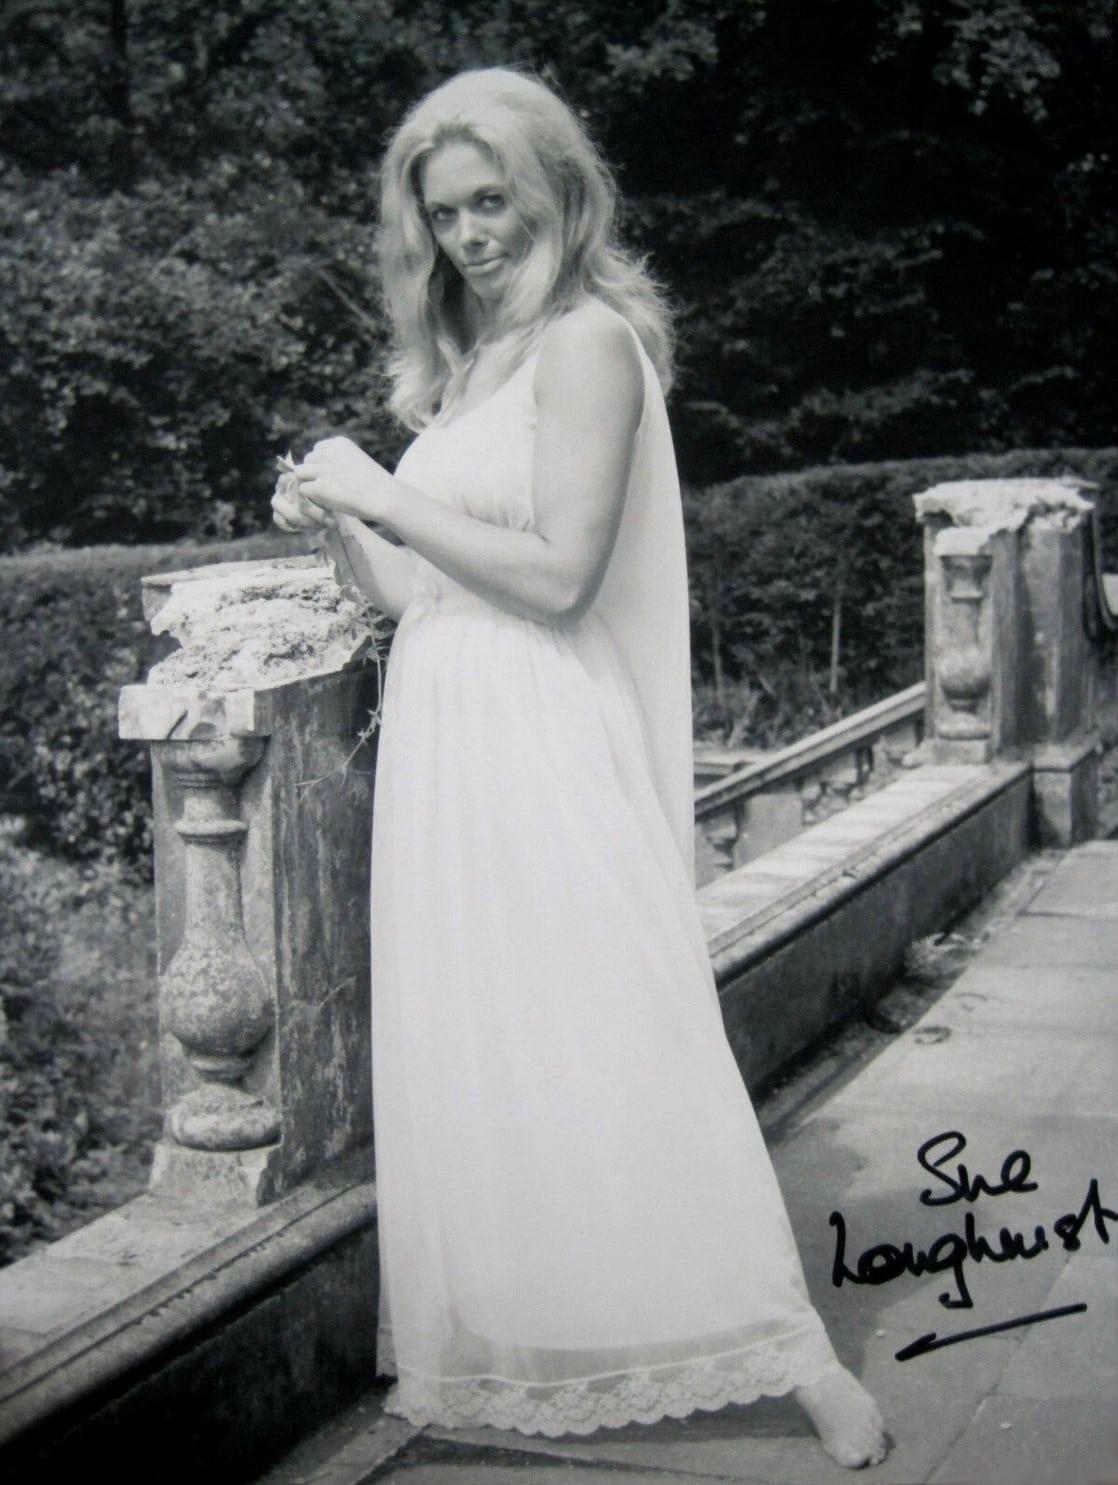 Sue Longhurst